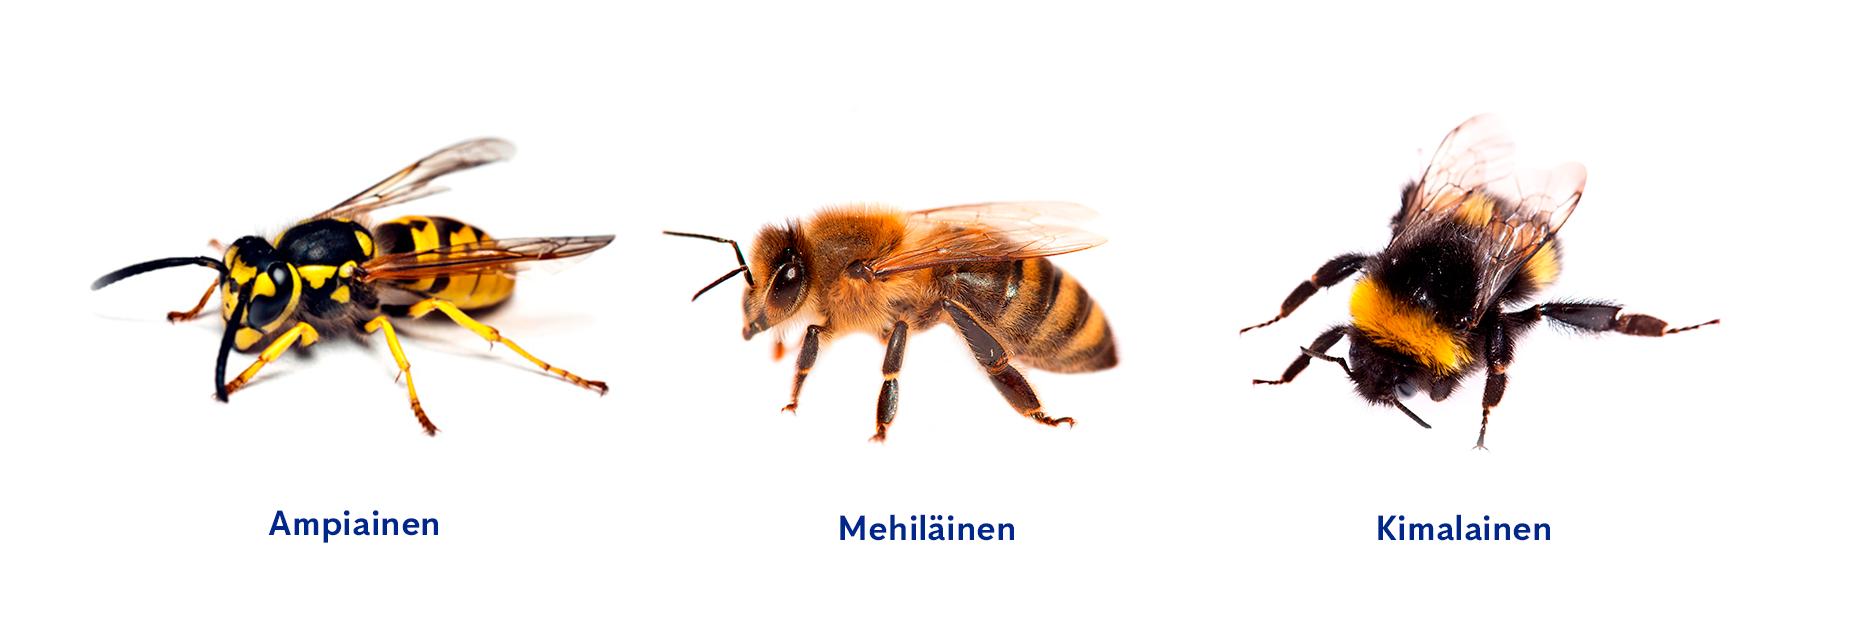 Ampiainen, mehiläinen ja kimalainen